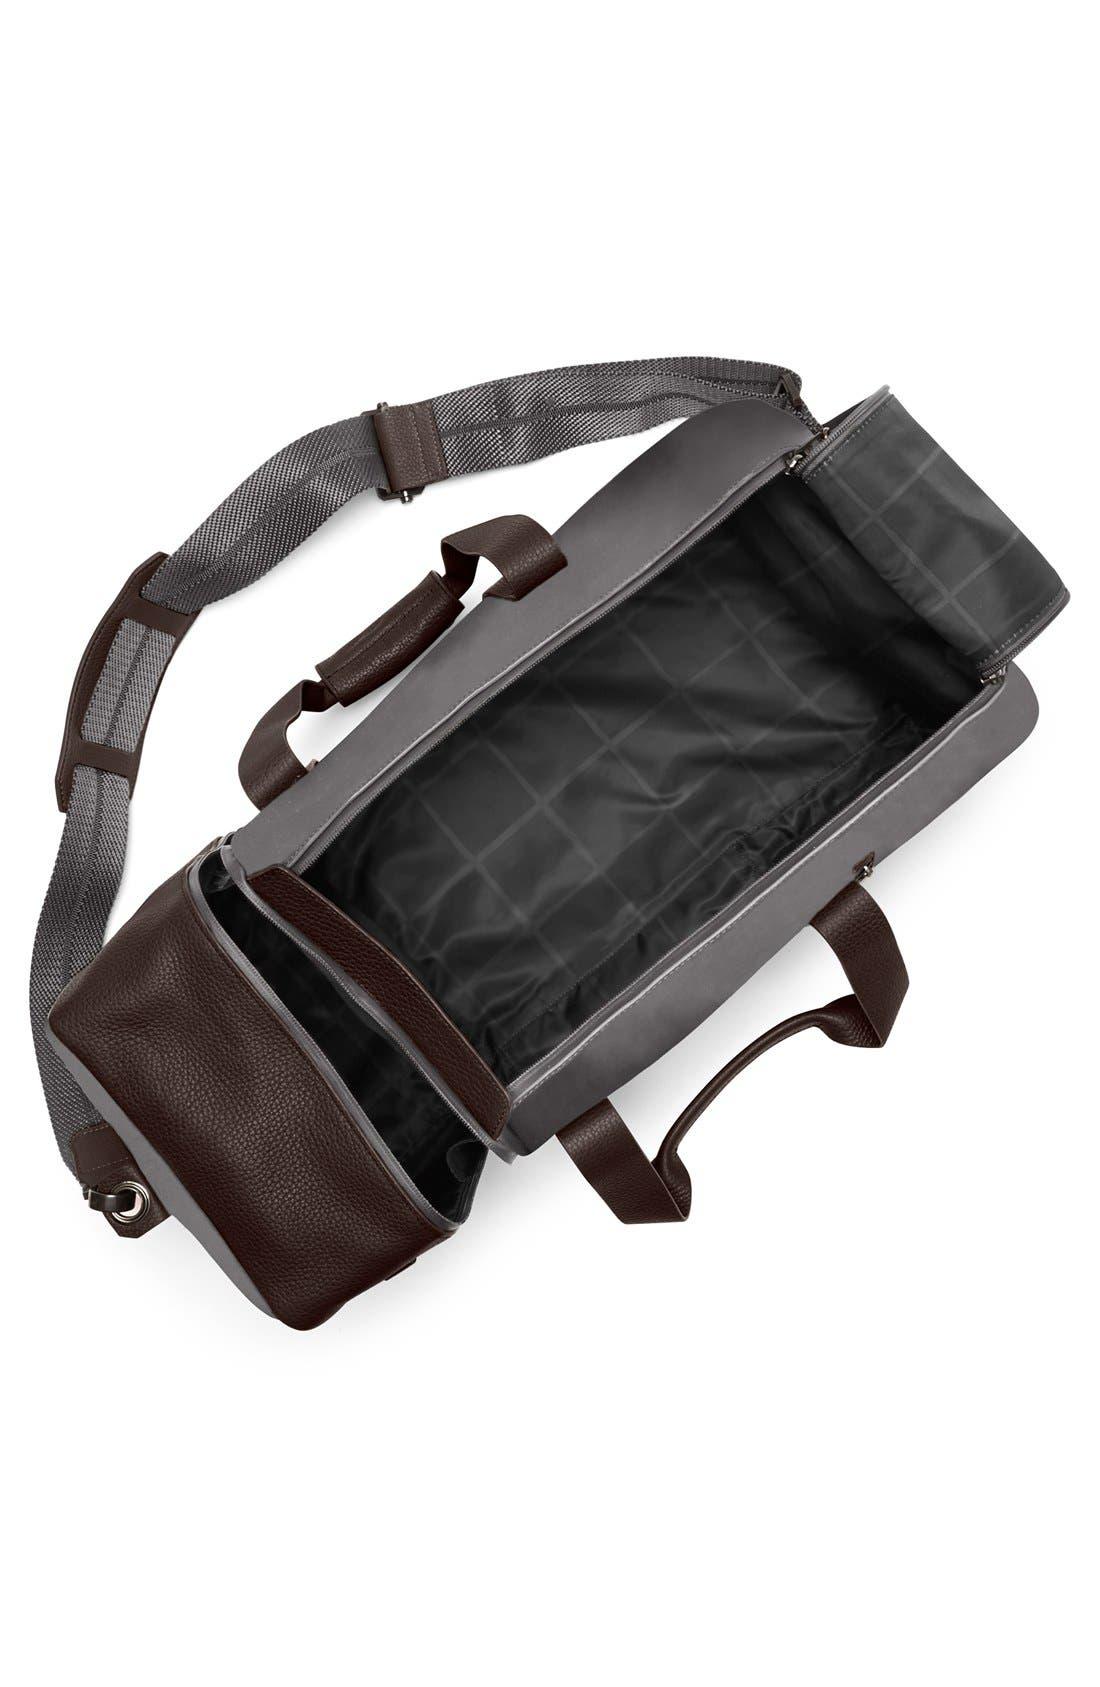 'Mestr' Duffel Bag,                             Alternate thumbnail 3, color,                             Gunmetal